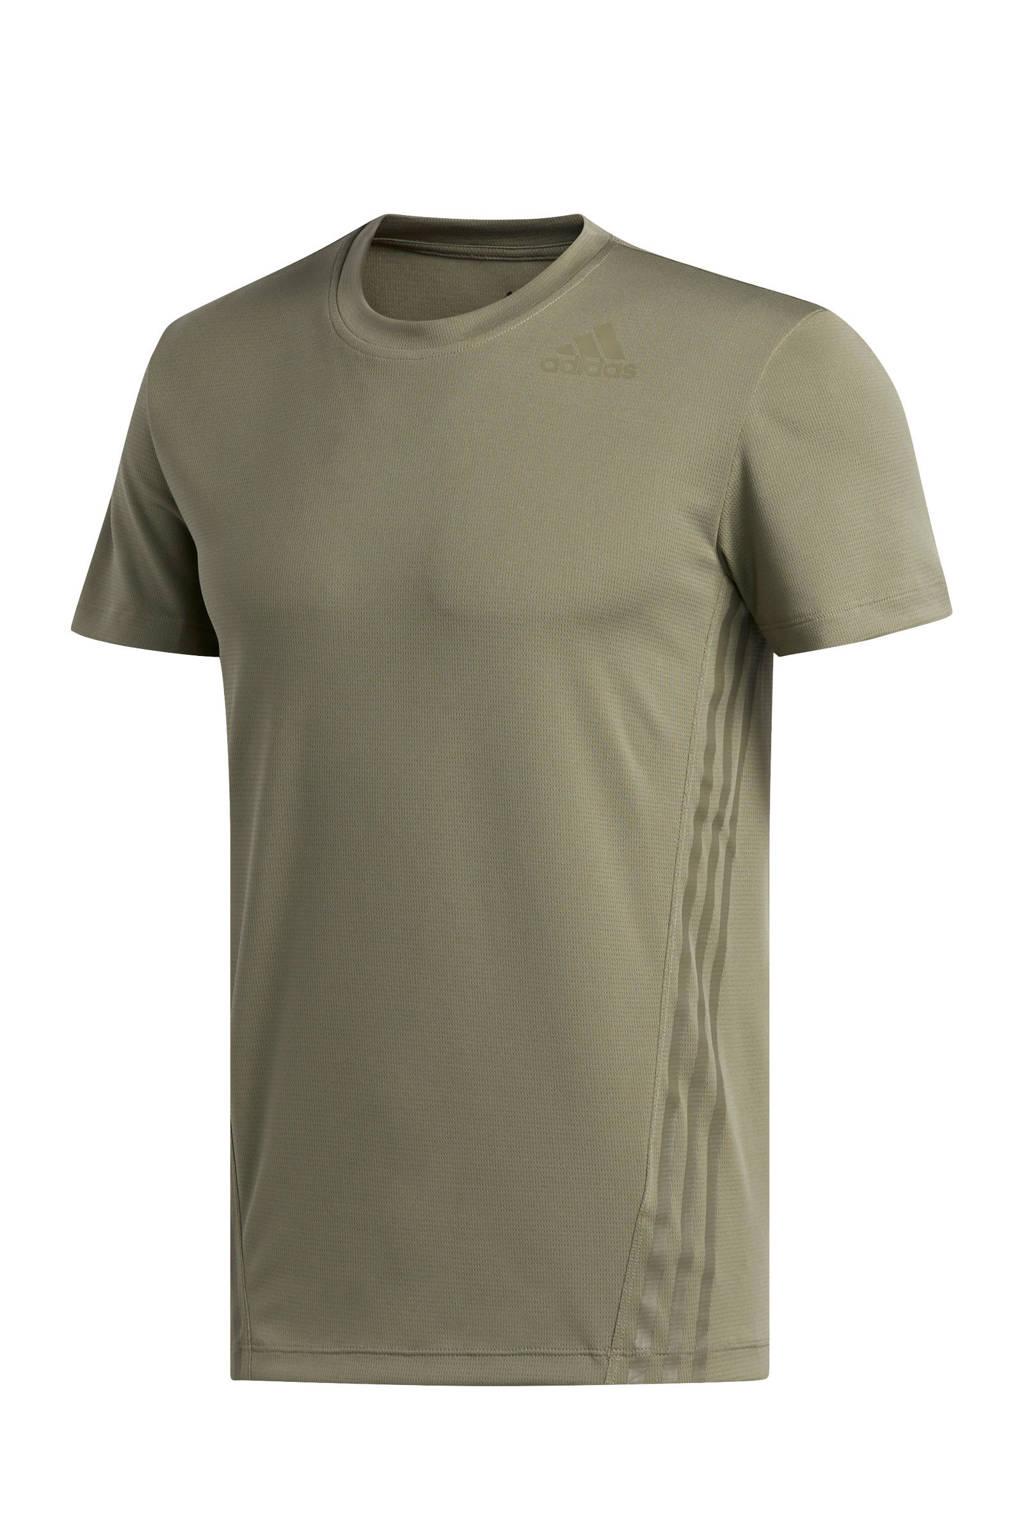 adidas Performance   sport T-shirt olijfgroen, Olijfgroen